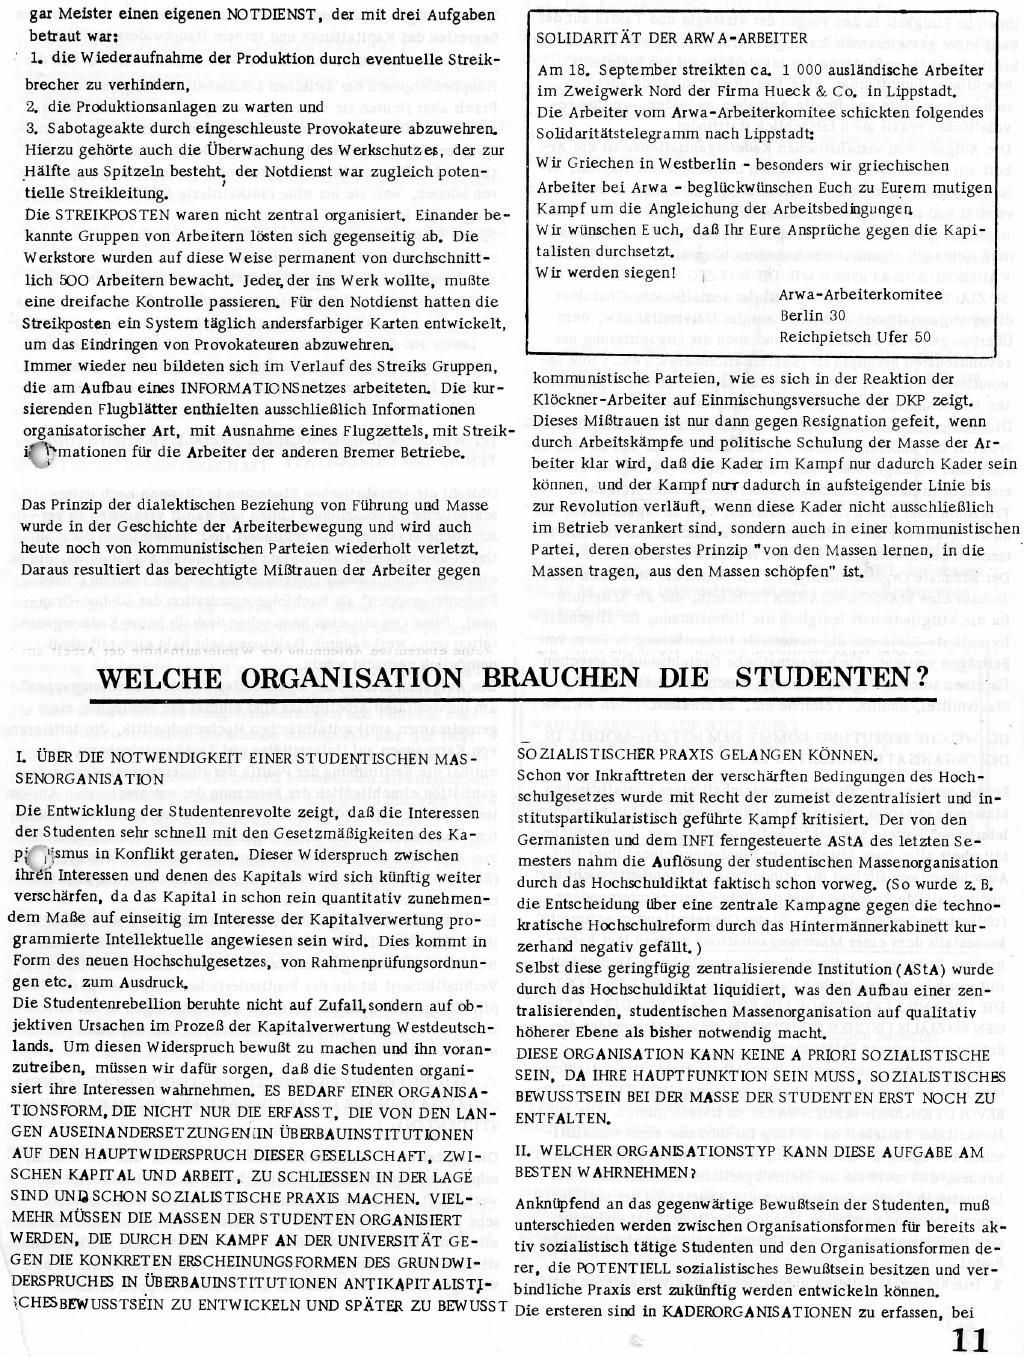 RPK_1969_032_11